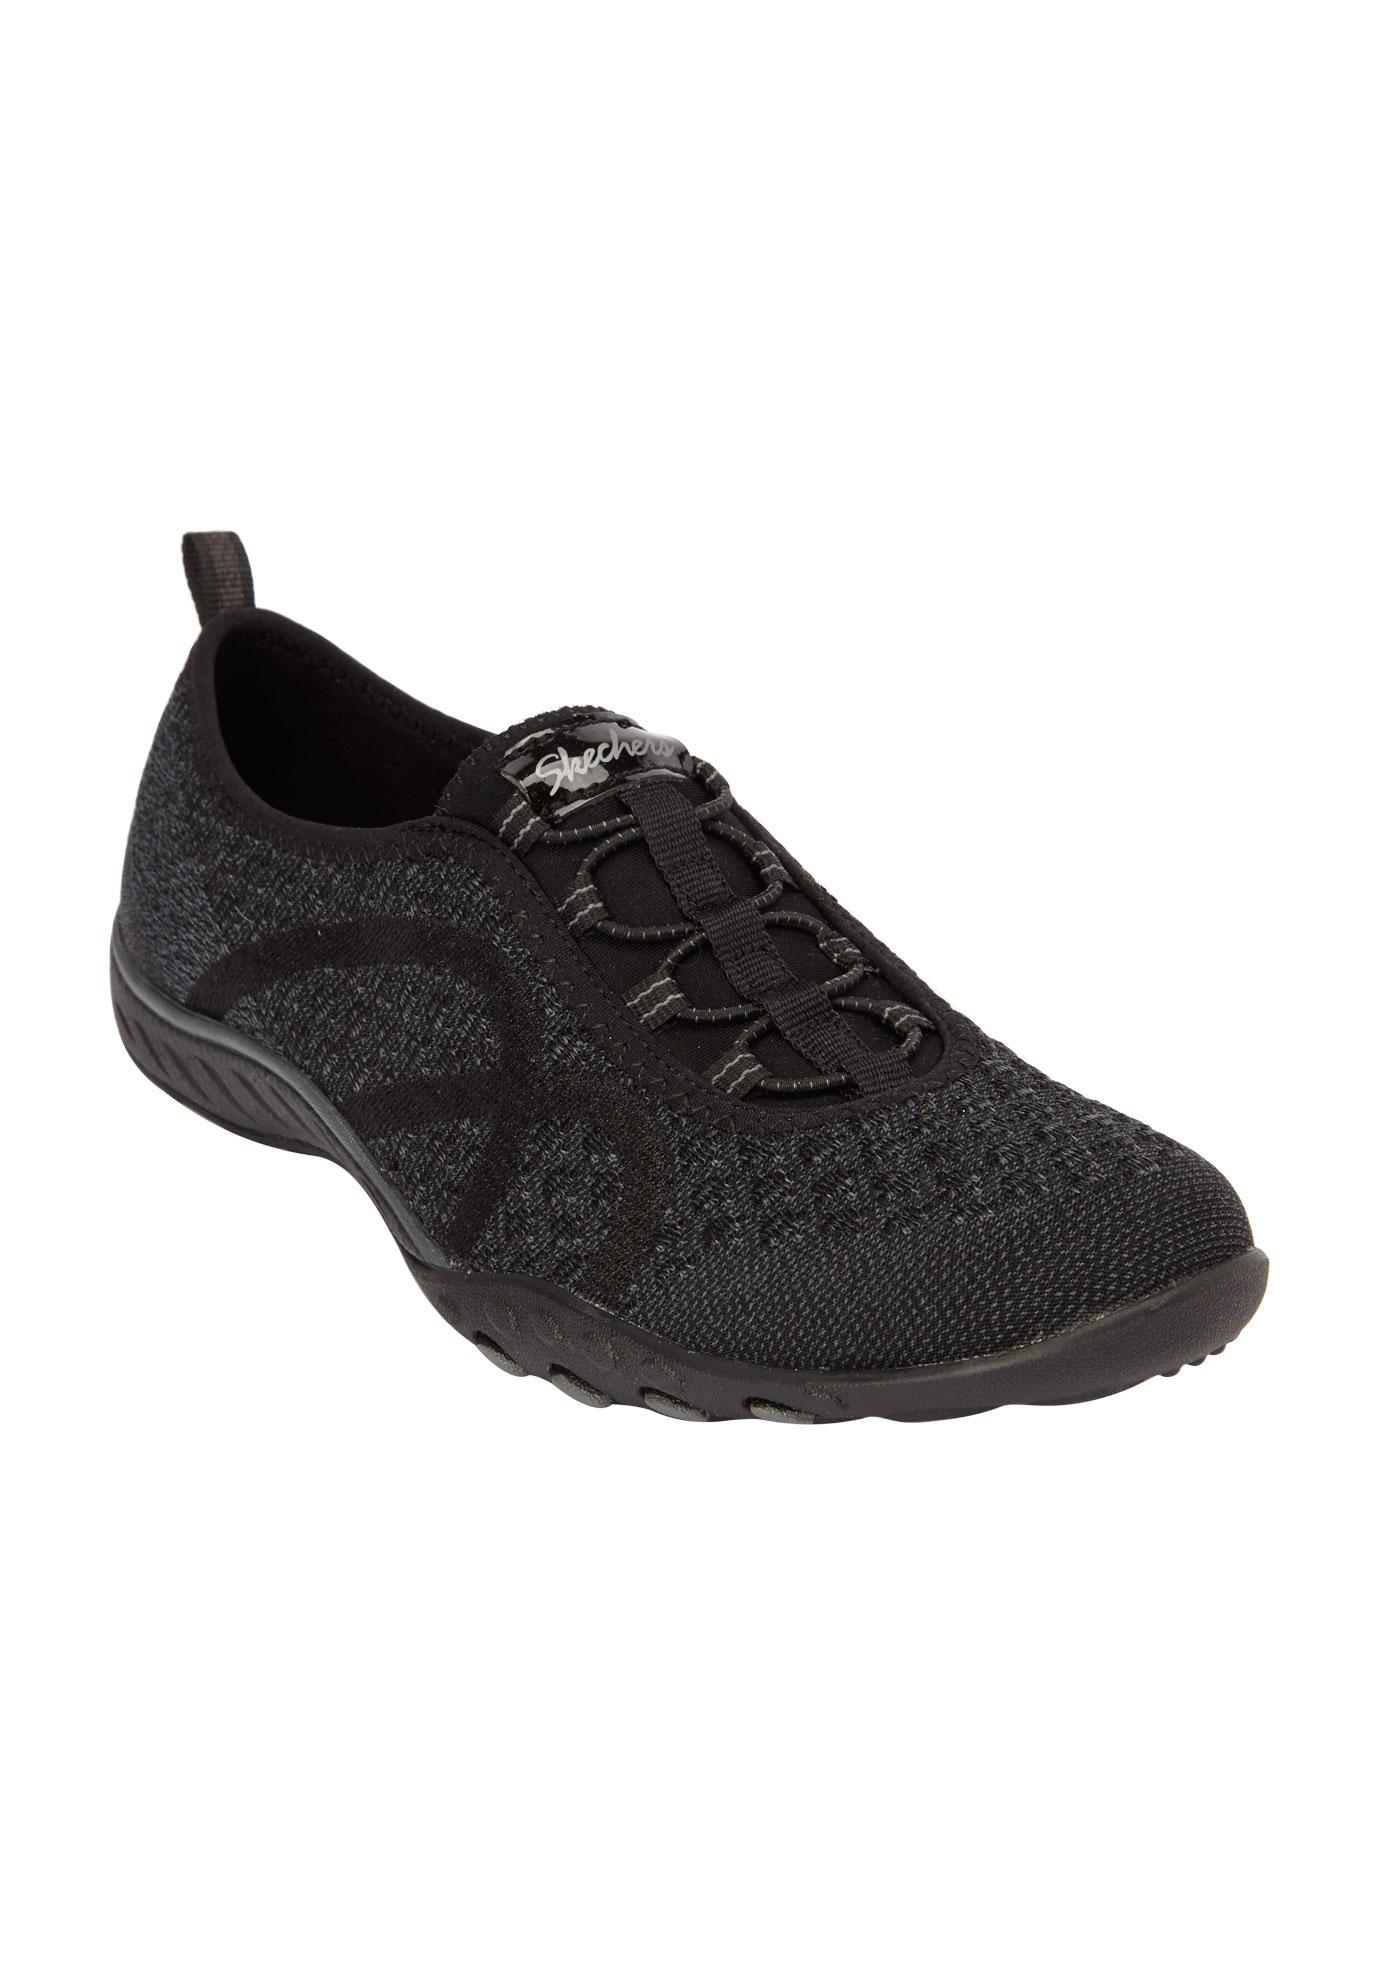 Skechers Breathe Easy Fortune Knit Slip On Sneaker